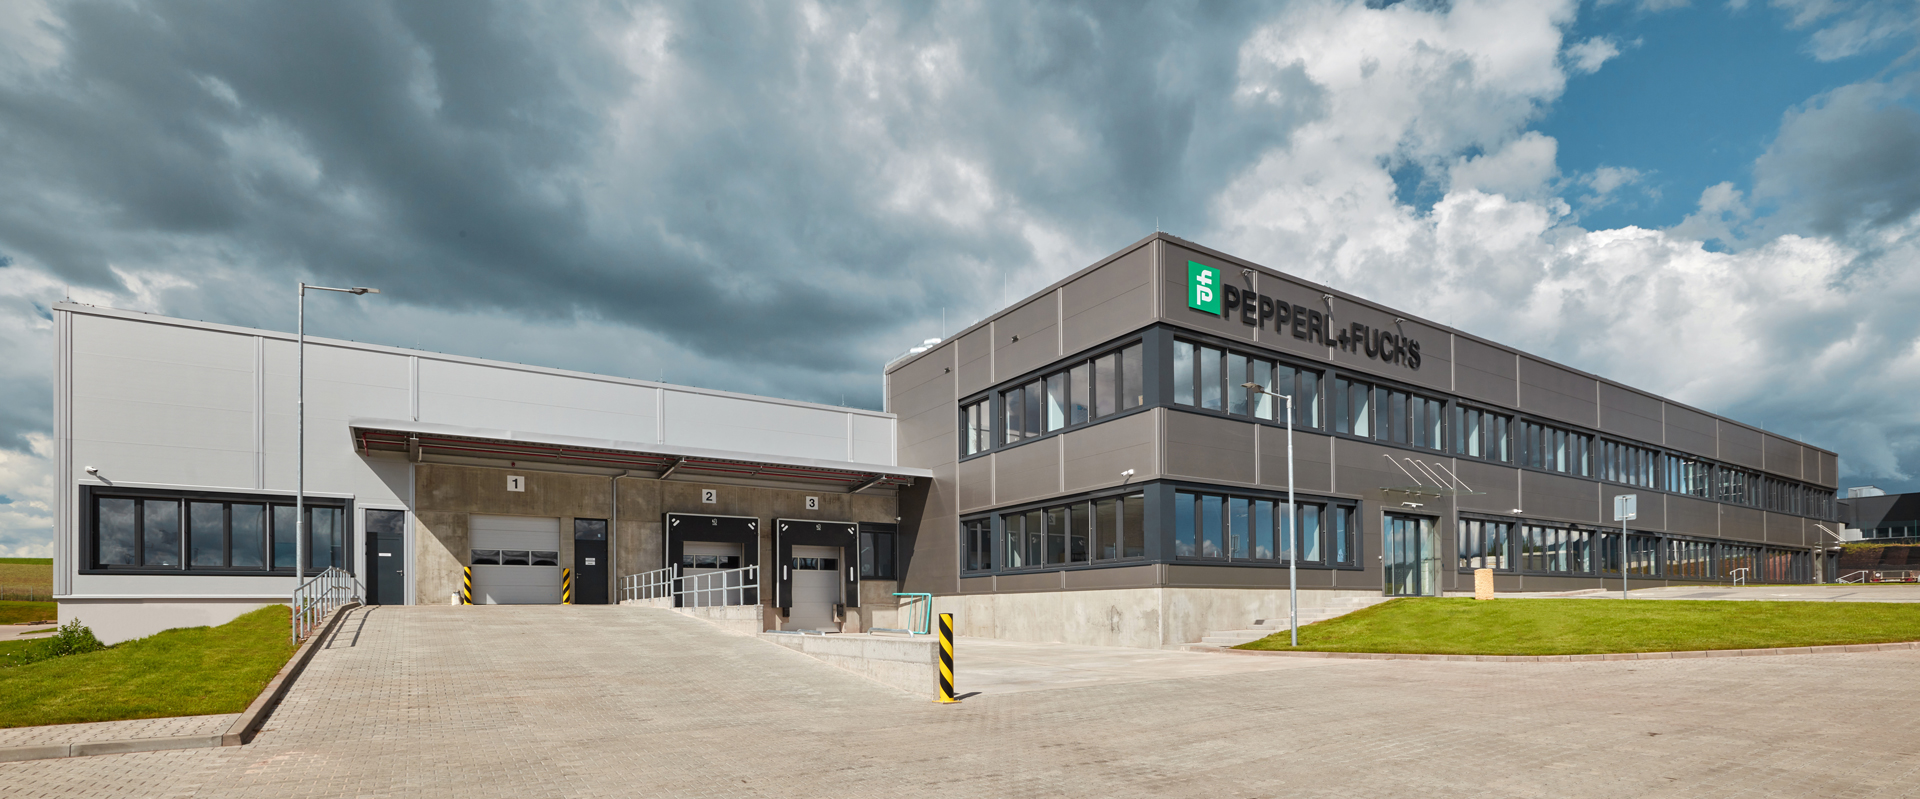 Pepperl+Fuchs Werk in Trutnov, Tschechien